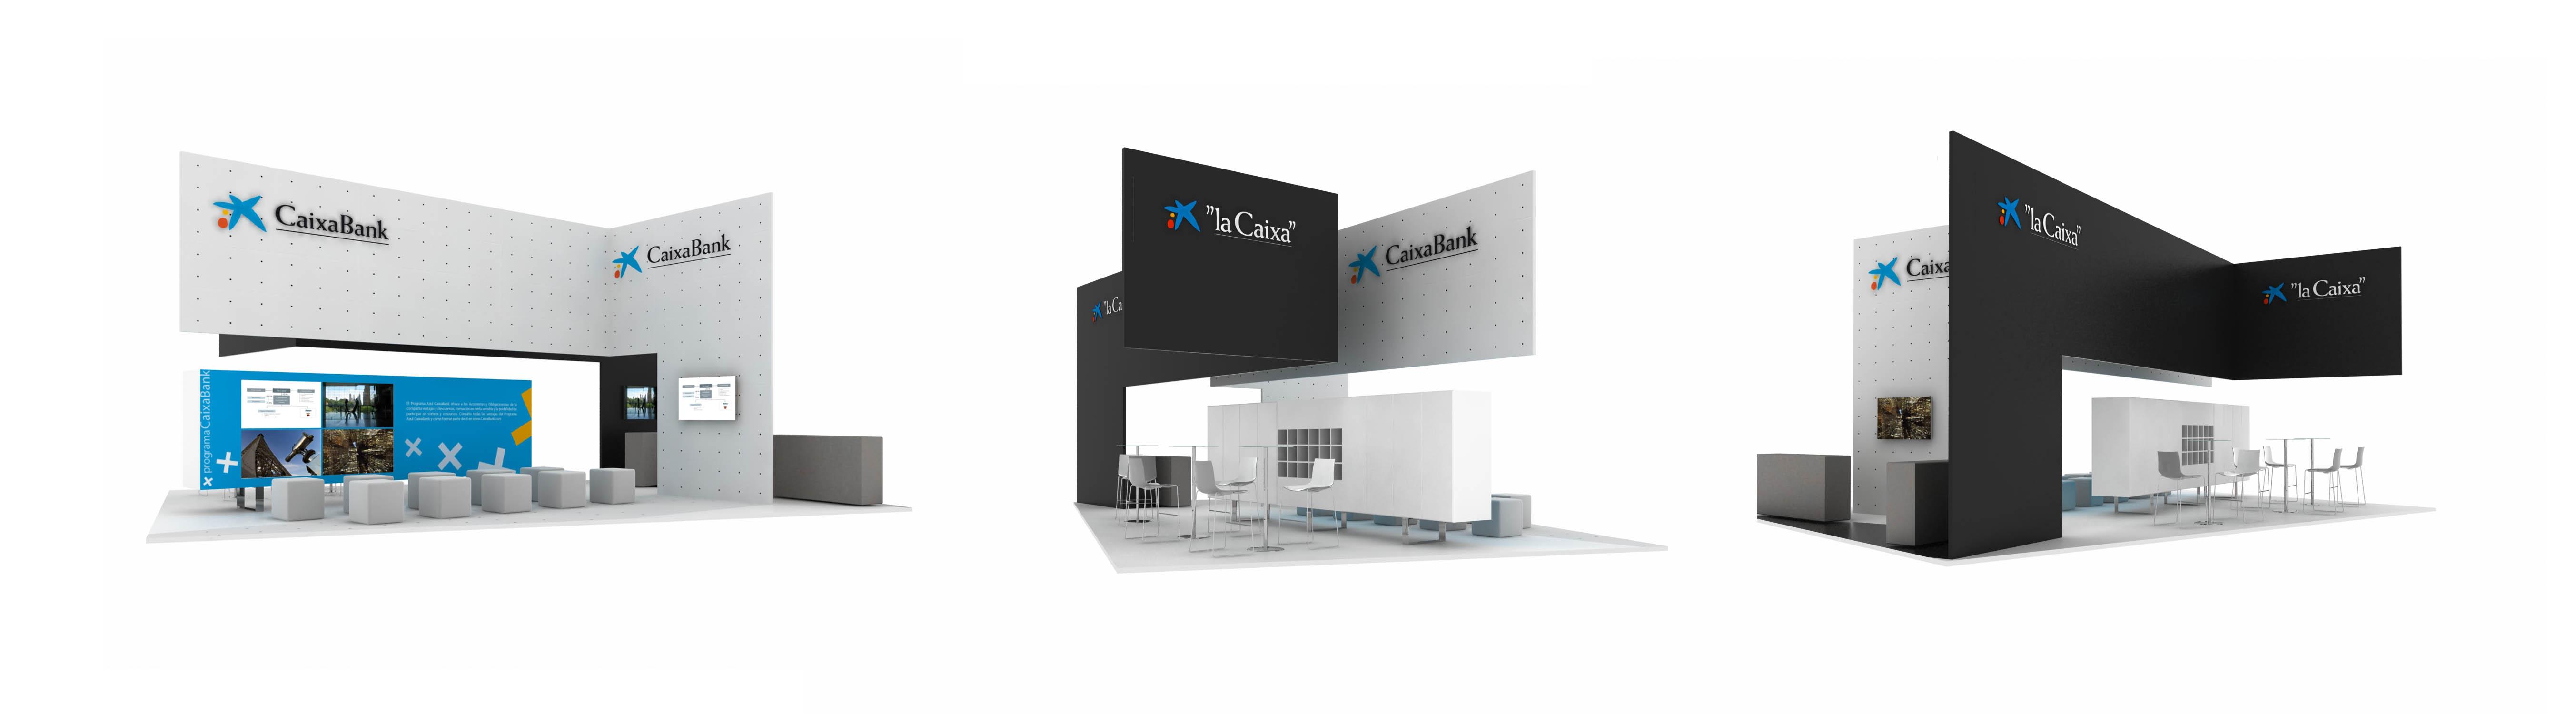 La Caixa_Caixabank_01